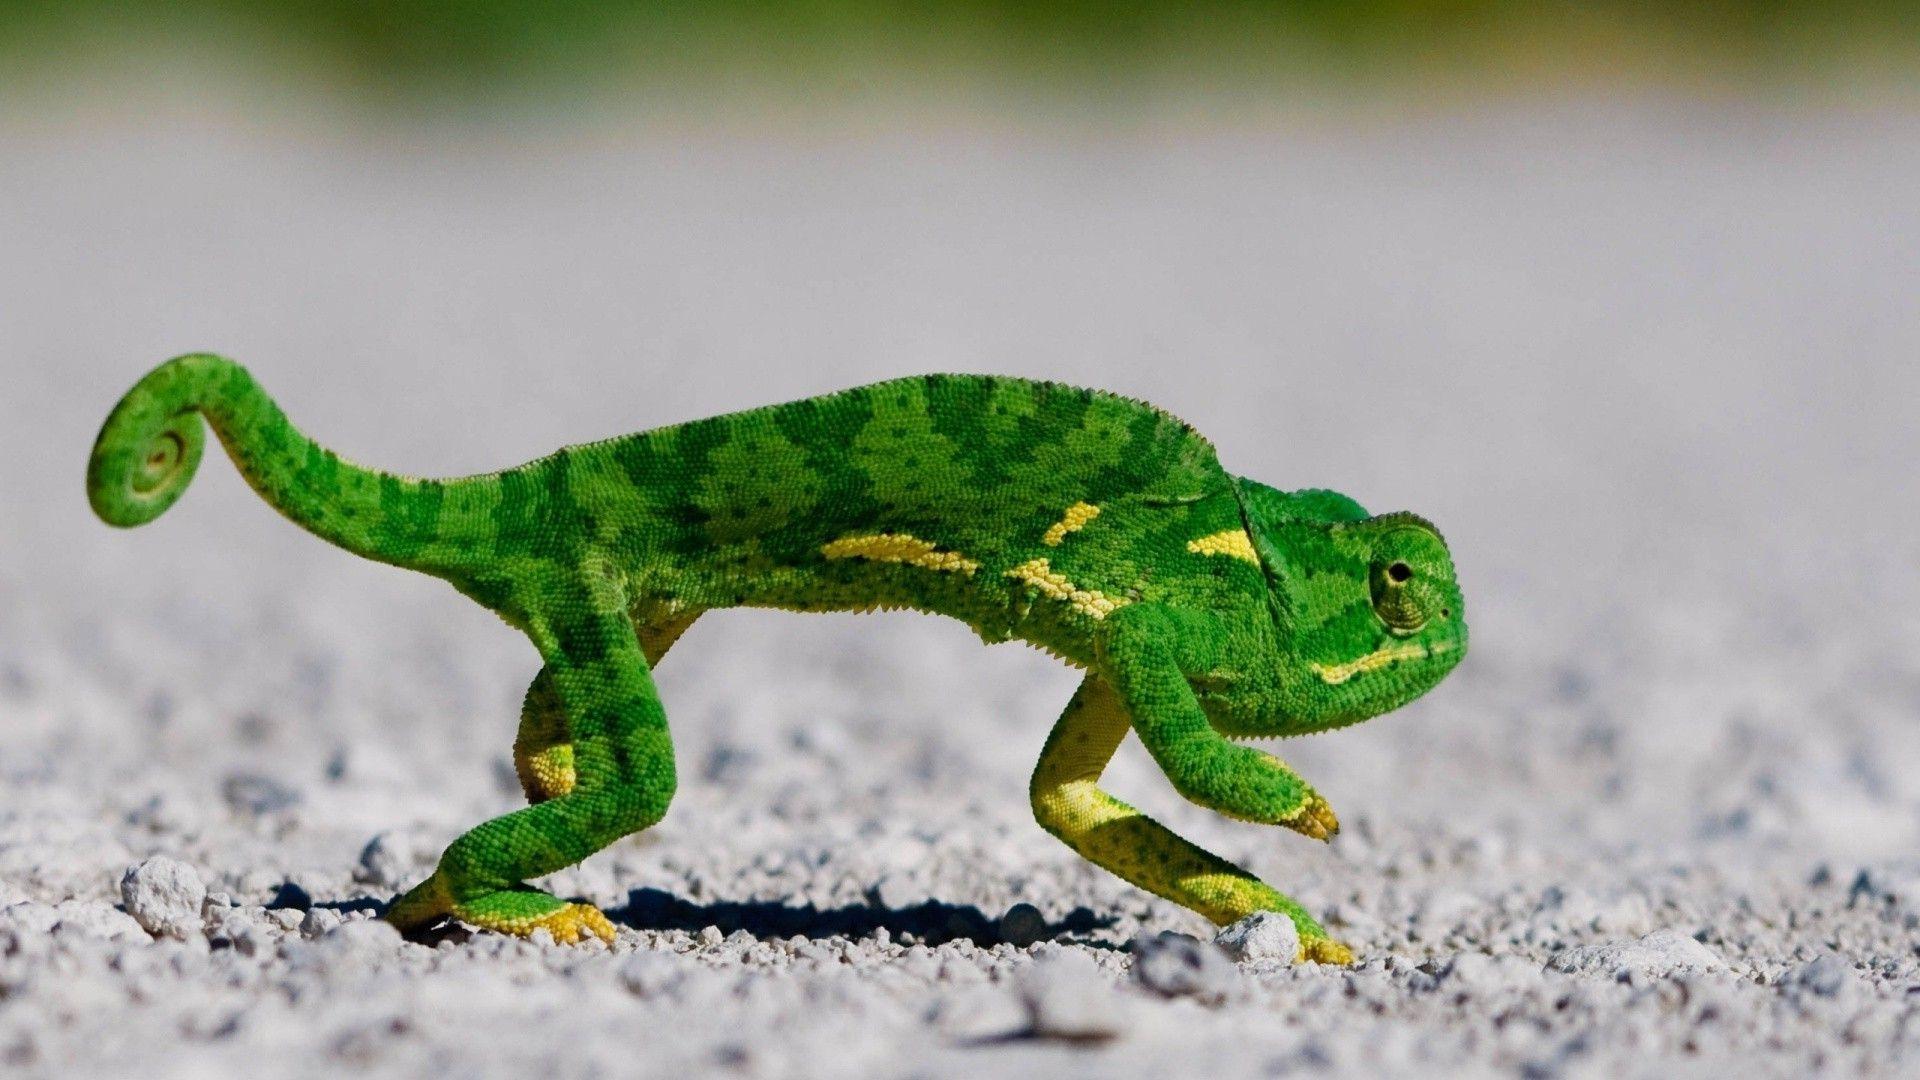 Chameleon Green Figure